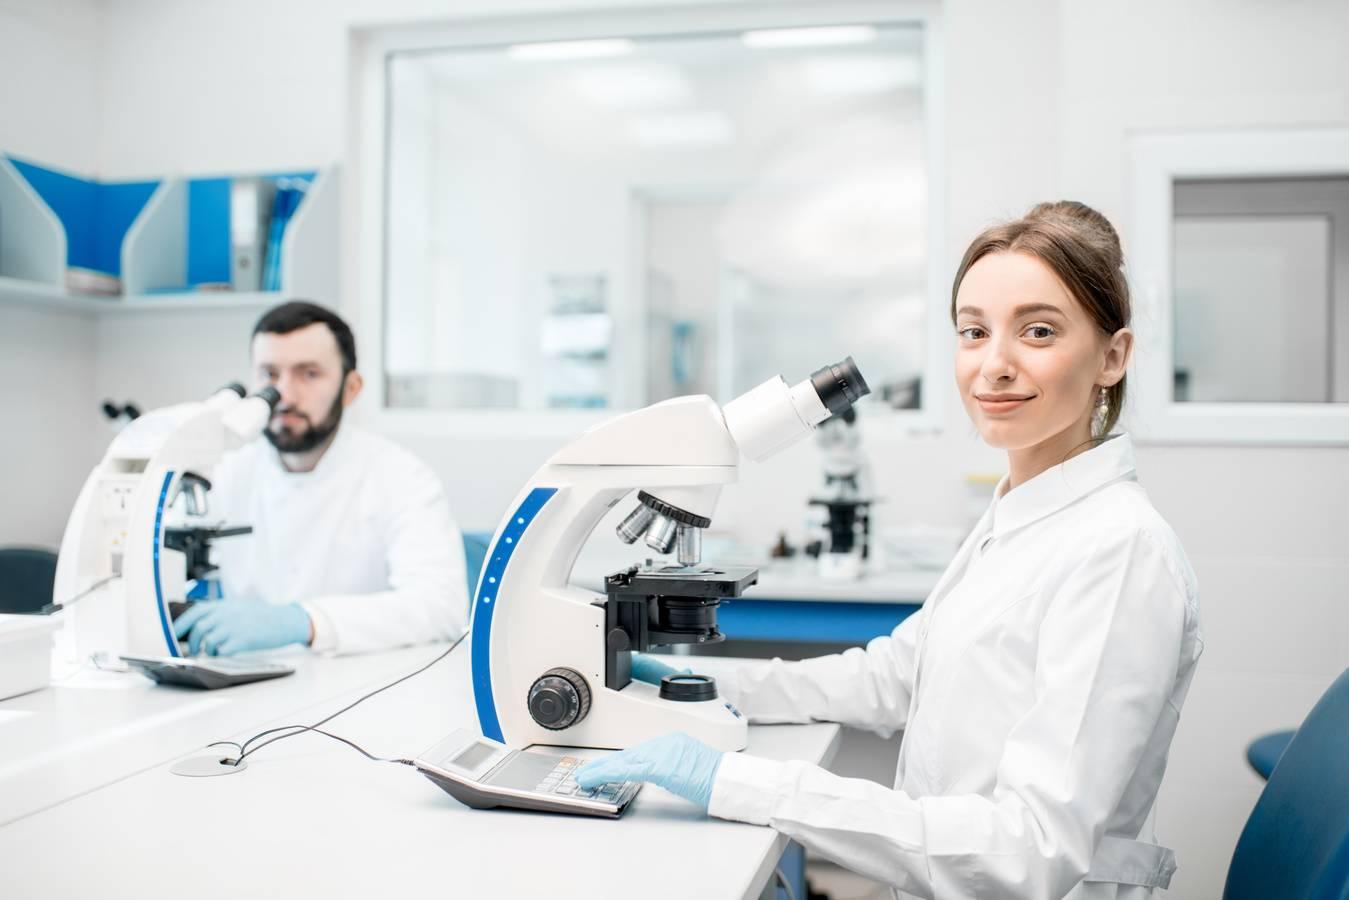 Medizinisch-technischer Laboratoriumsassistent - MTLA